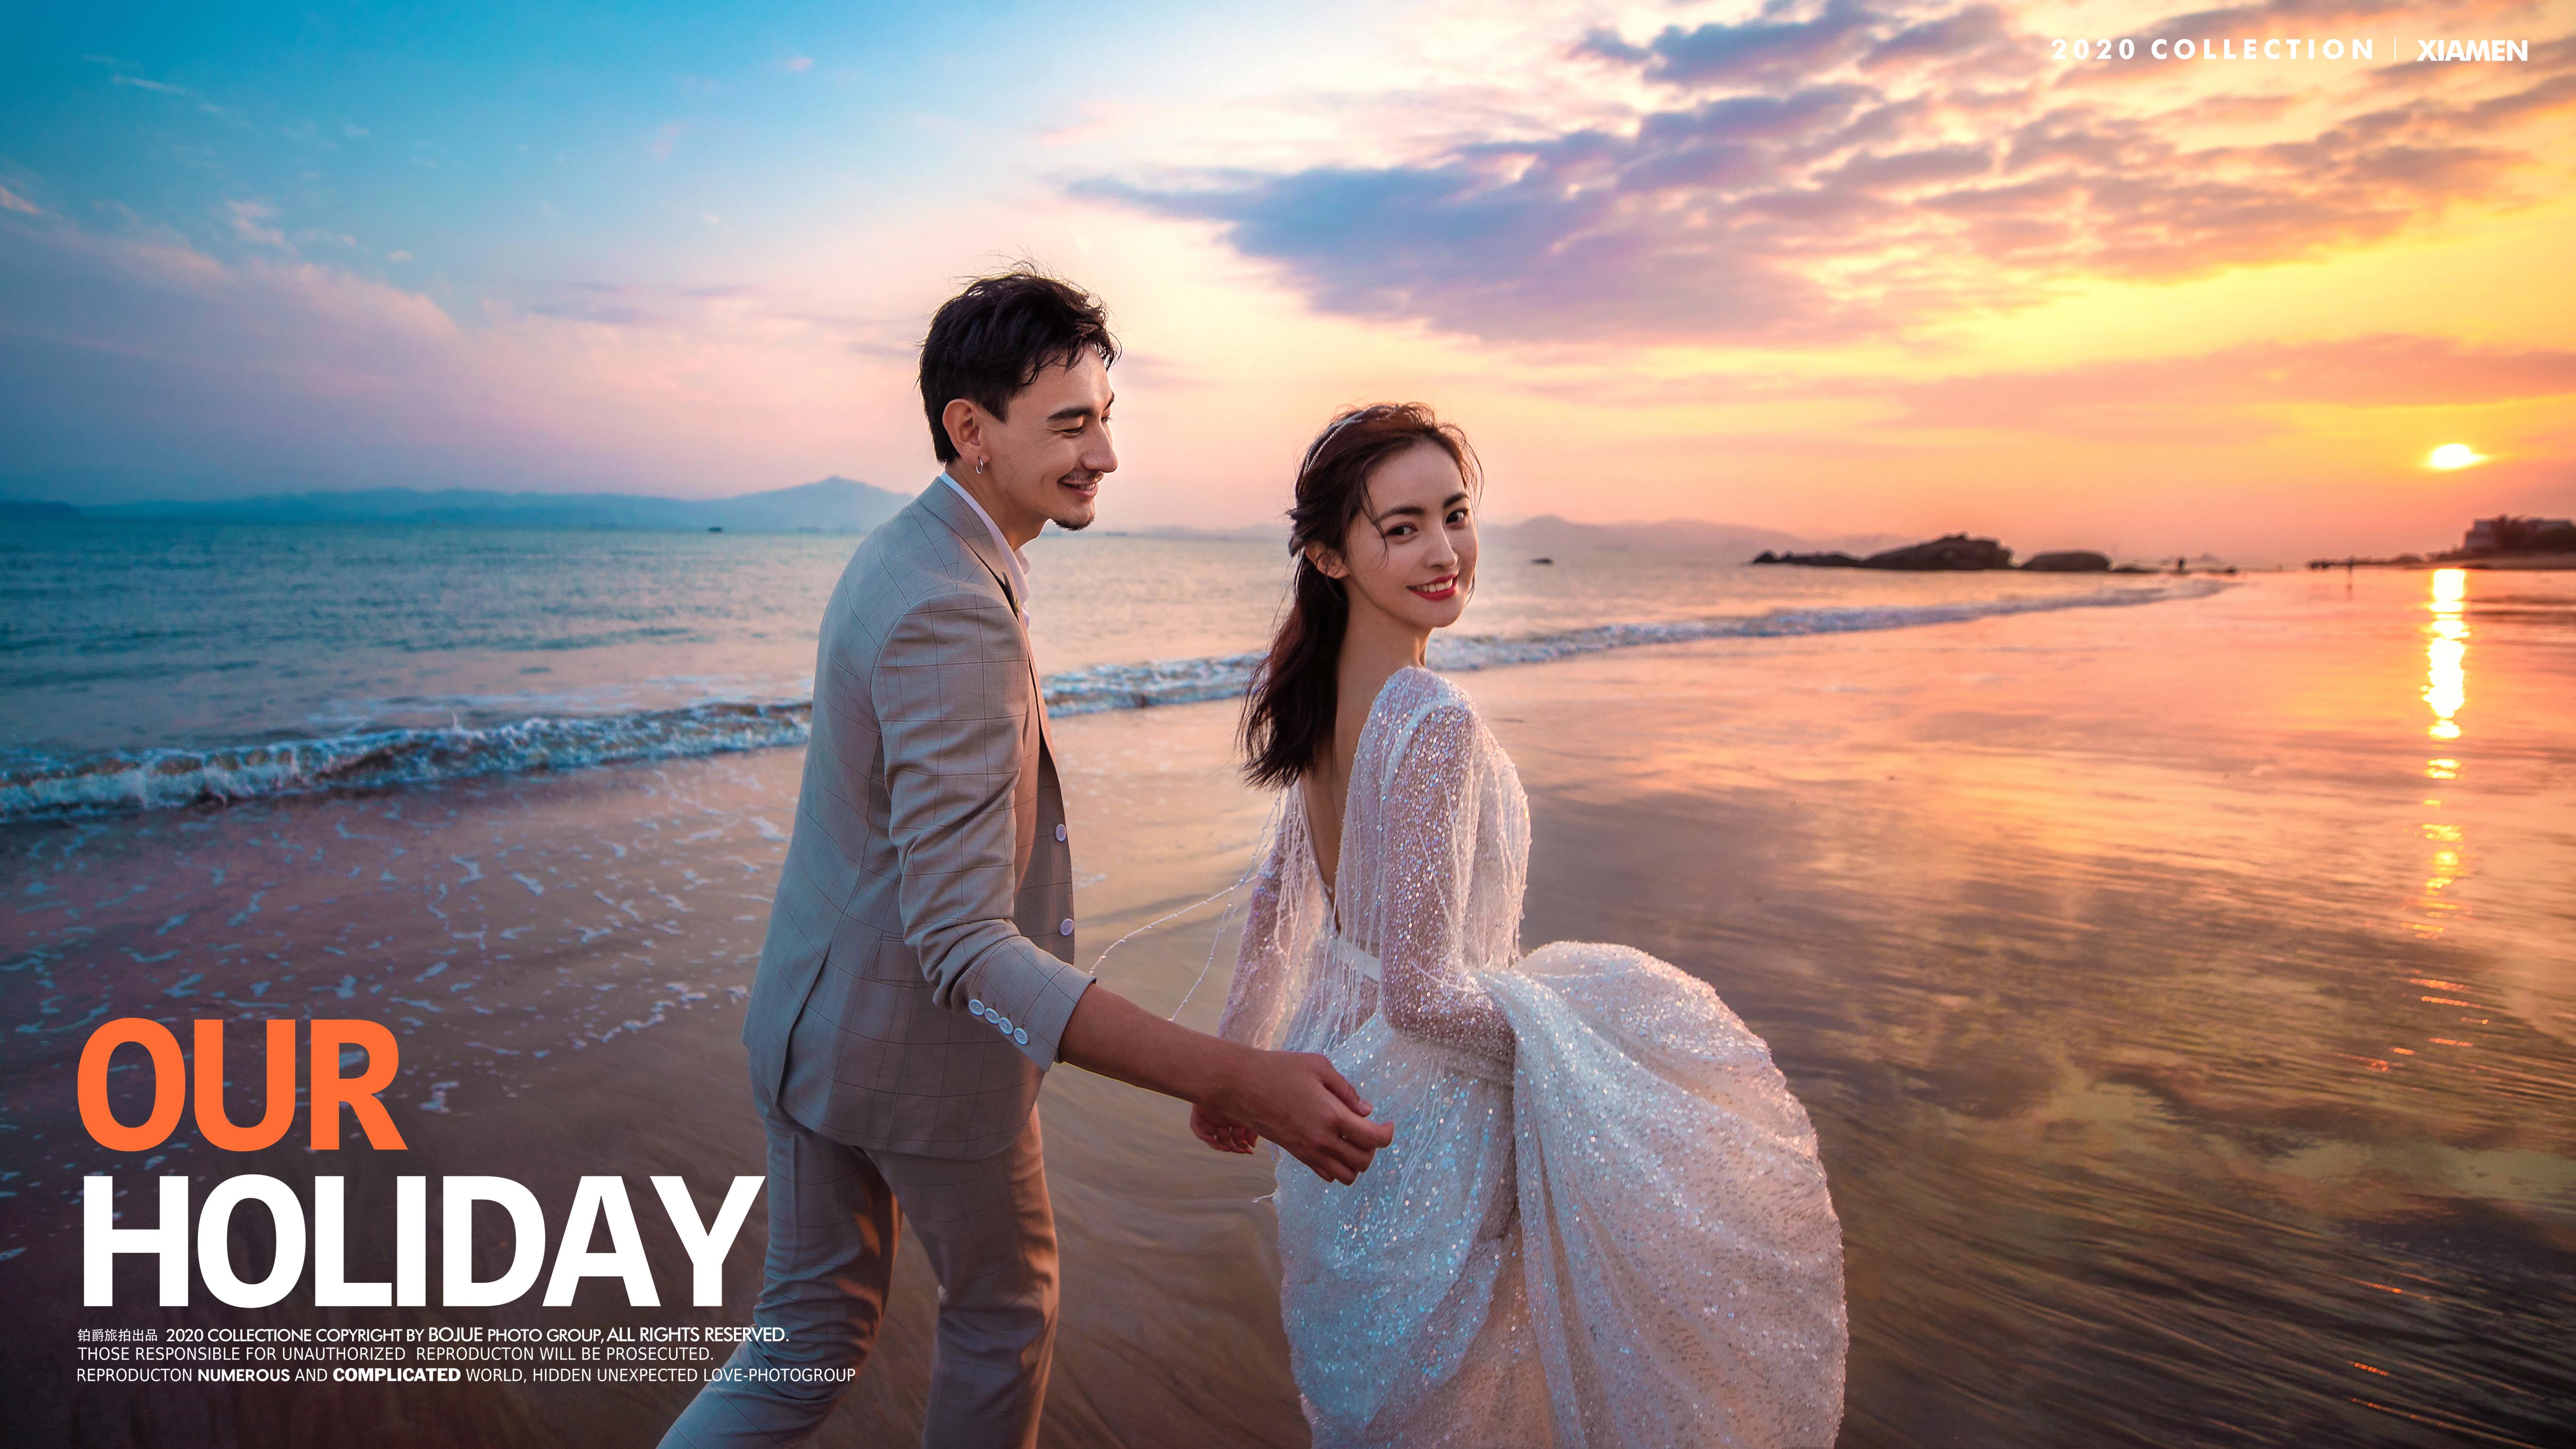 厦门旅拍婚纱照高中低端差价怎么选 拍摄预算费用是多少